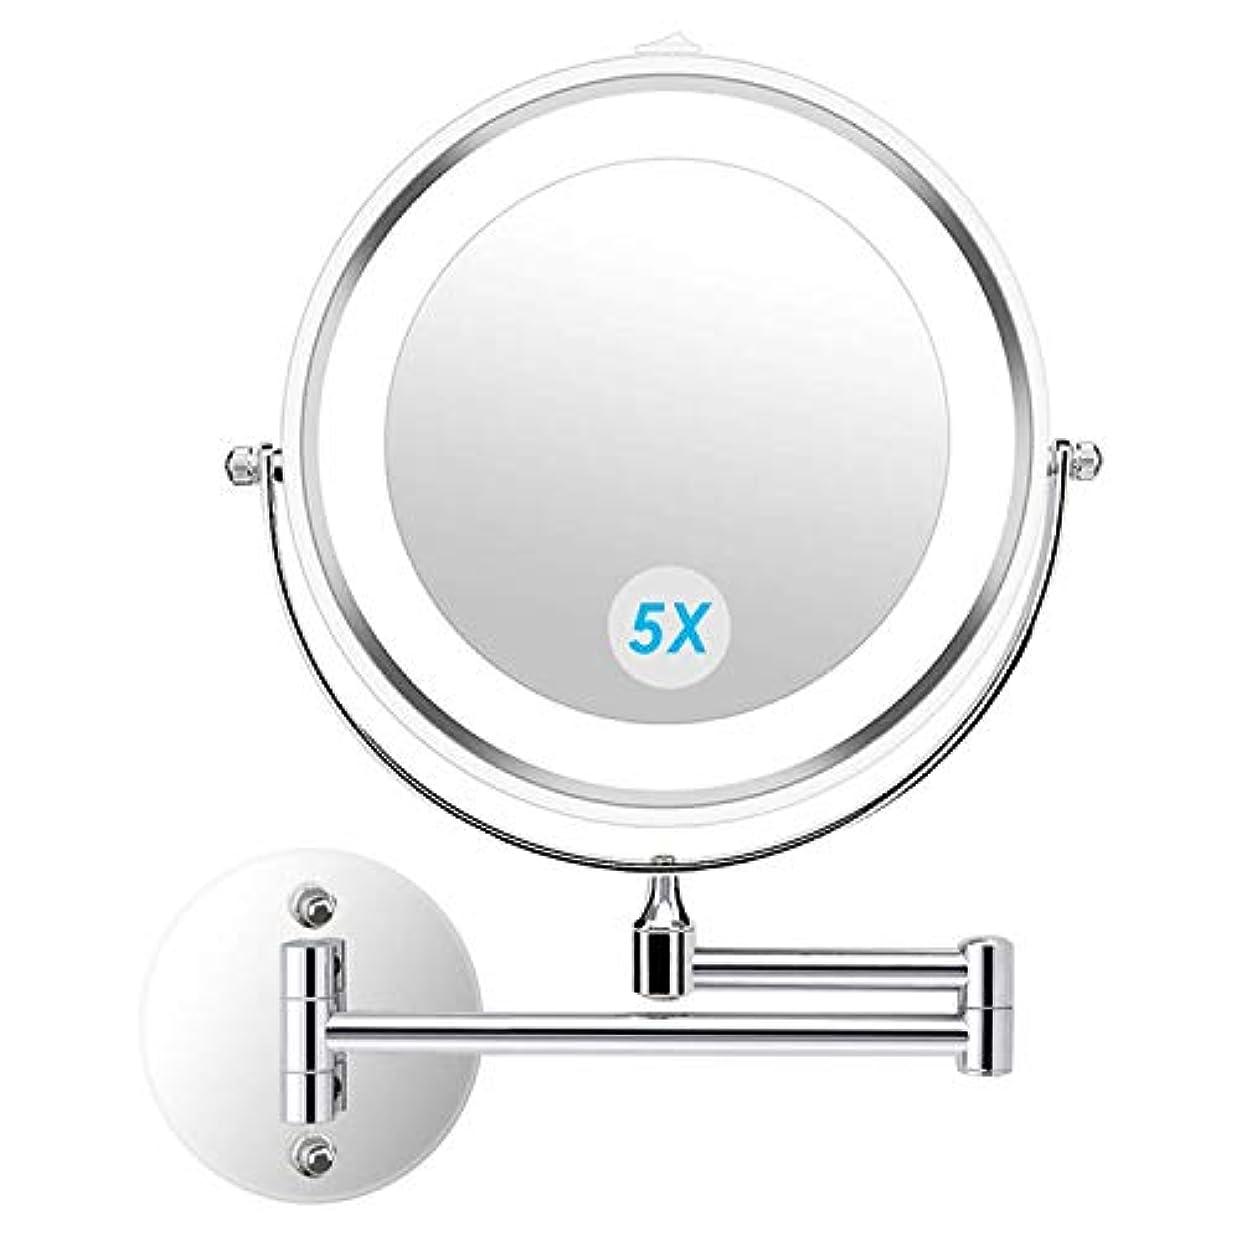 岩ニコチン土器alvorog 壁掛け化粧鏡 4個 電池で駆動バスルームホテル用照明付き両面5倍 倍率360度 スイベル延長化粧化粧鏡を導きました 7